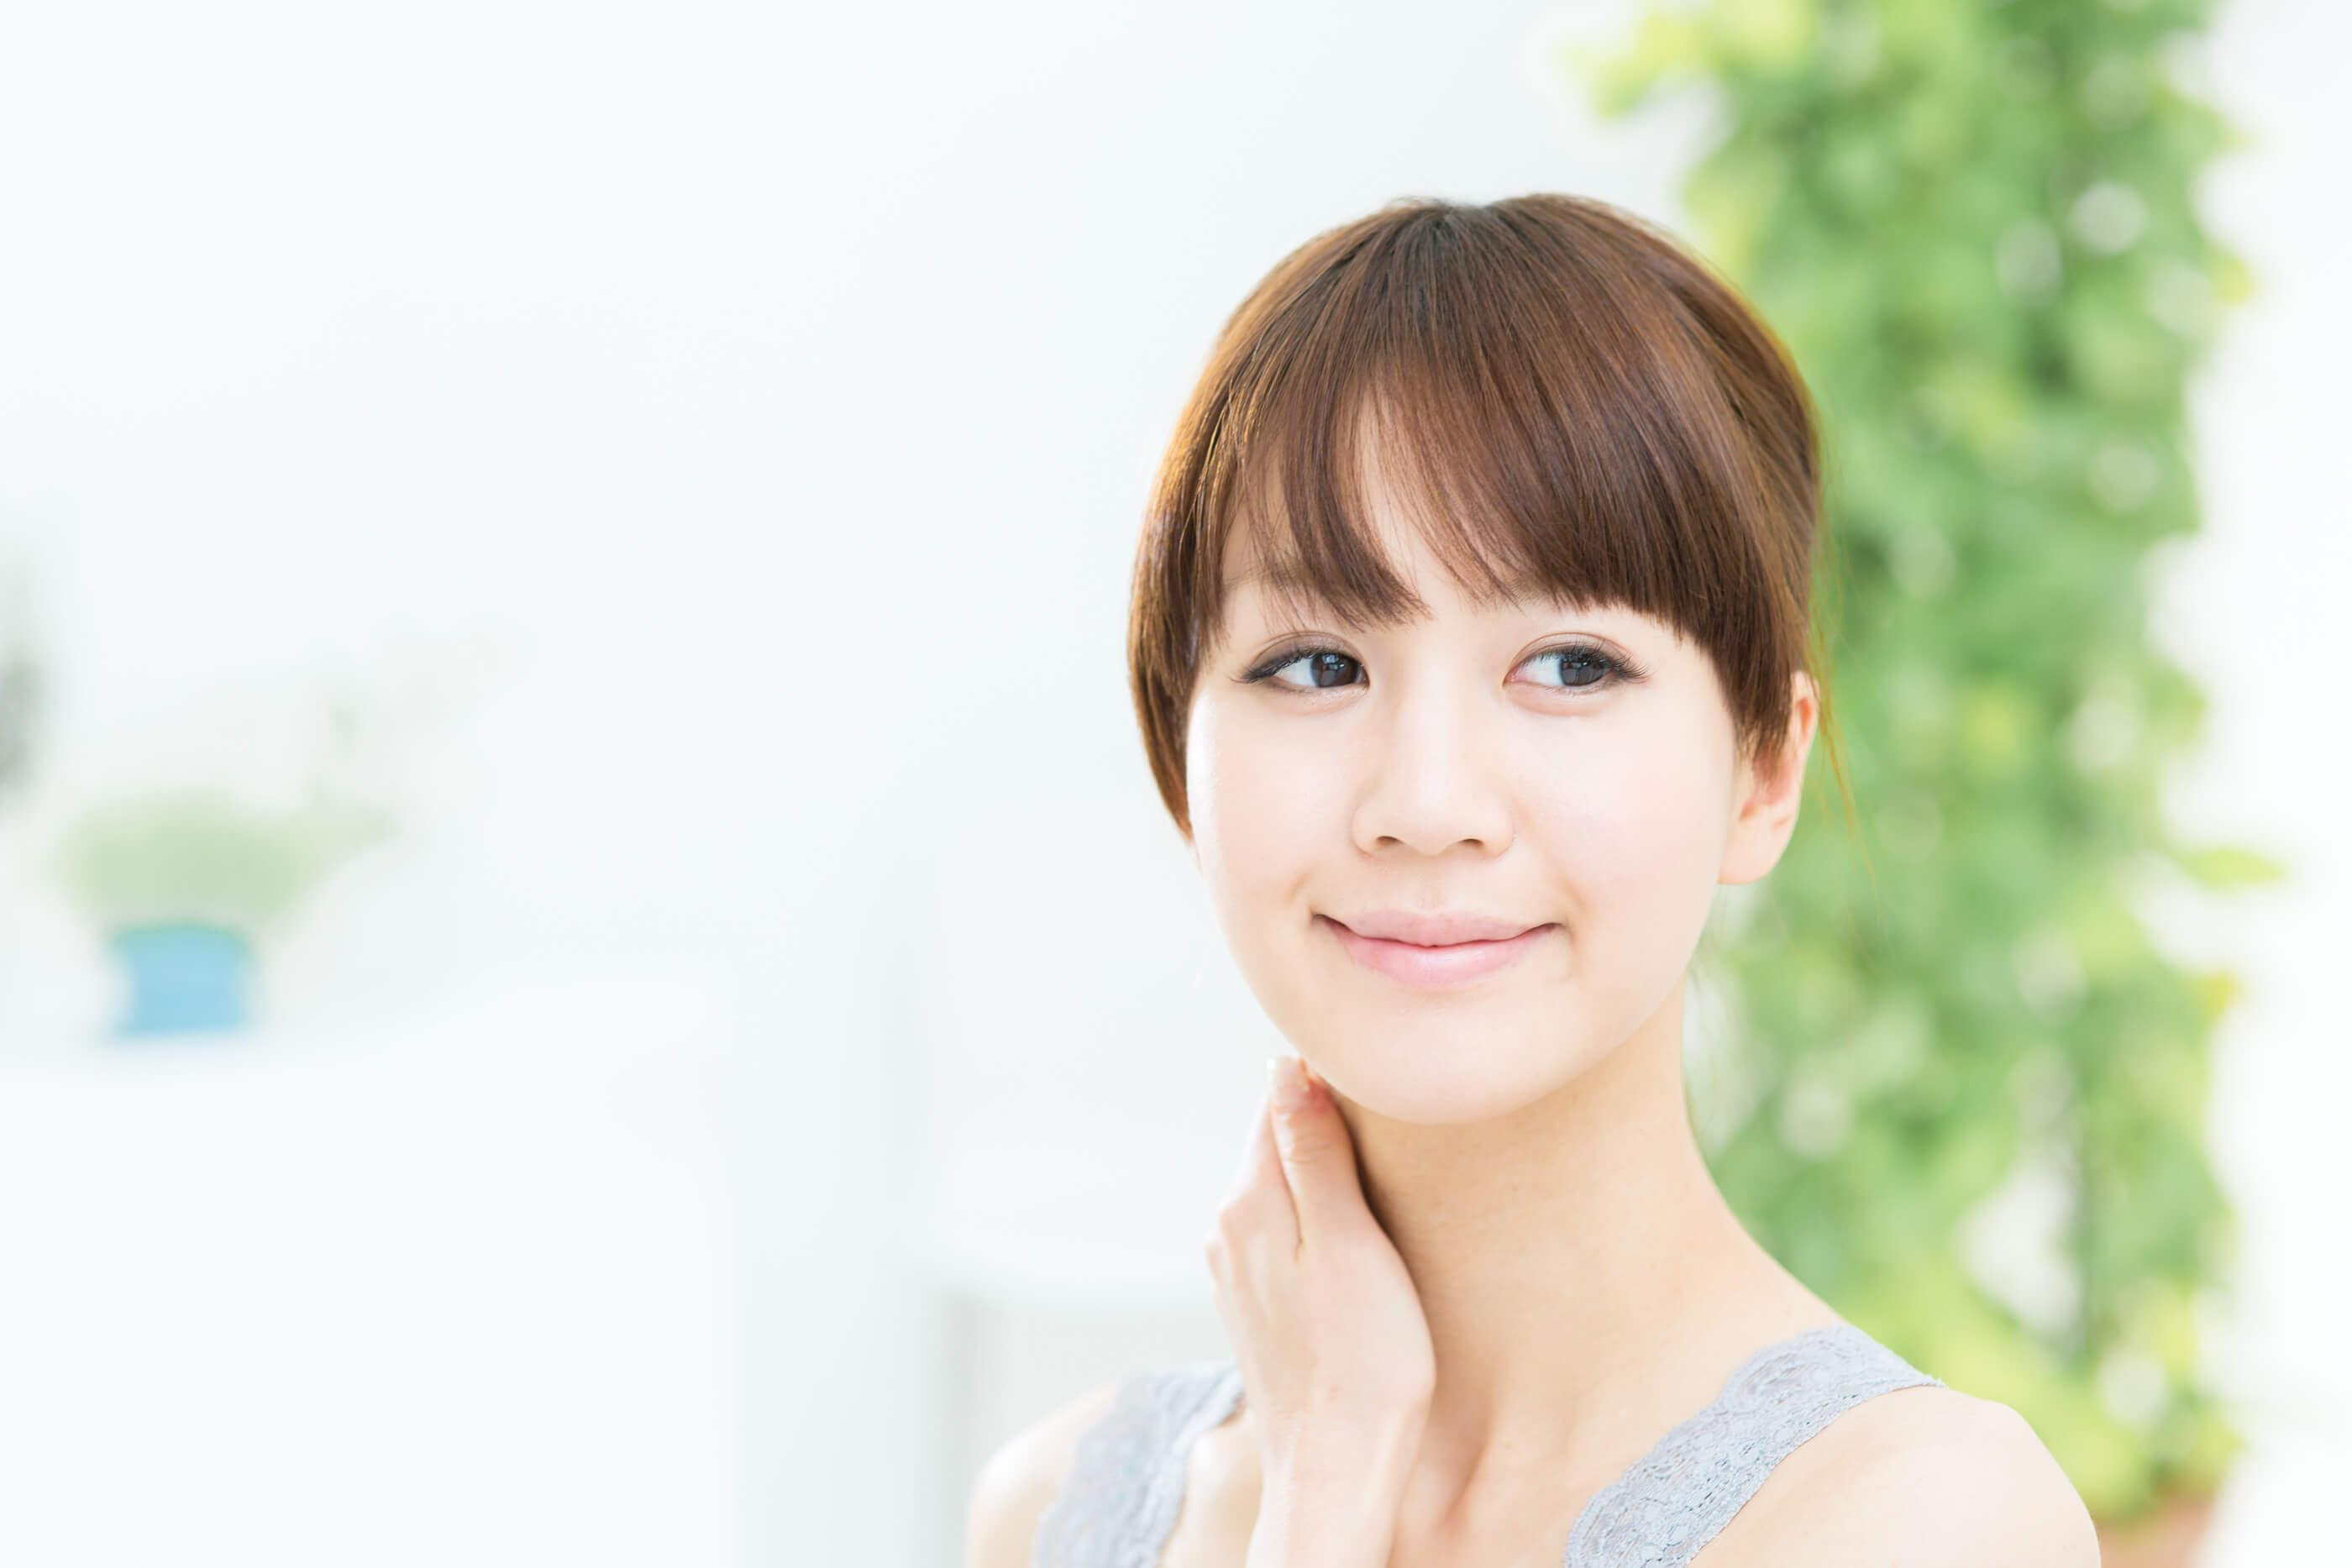 亚洲女人与美丽的脸和完美的皮肤